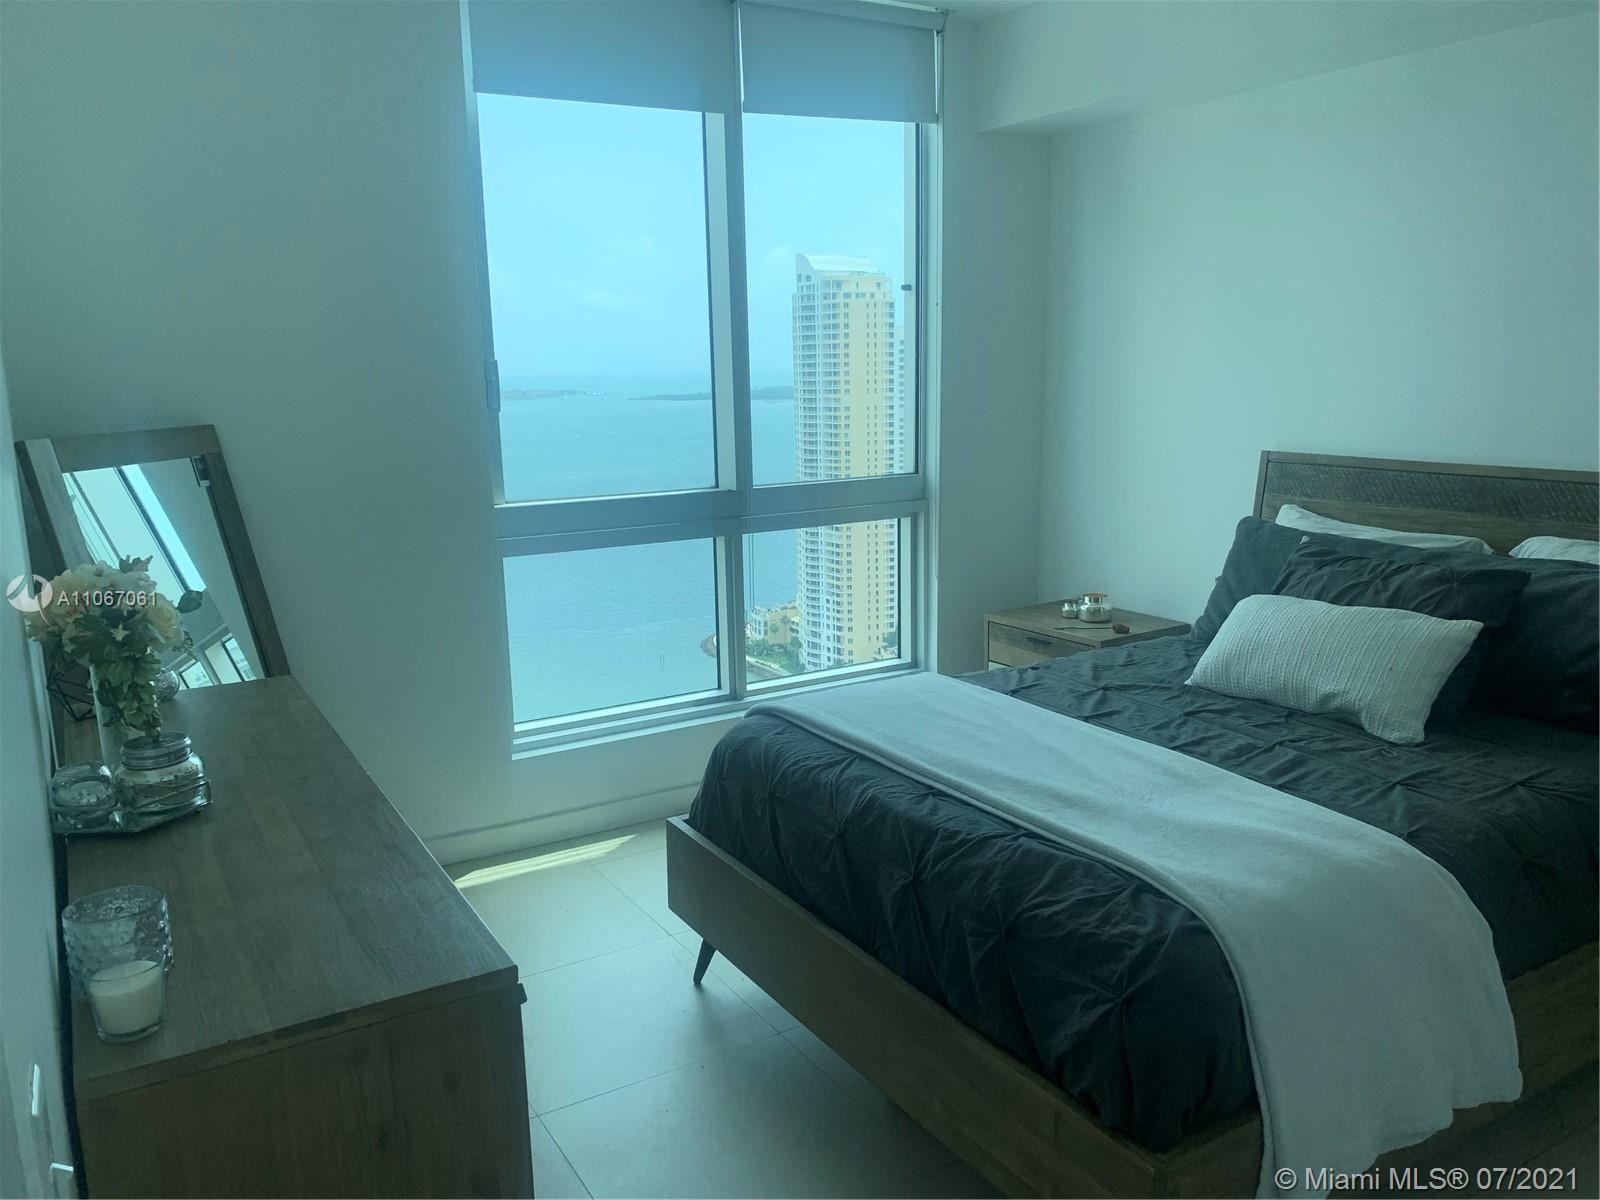 300 S Biscayne Blvd #T-3414, Miami, FL 33131 - #: A11067061